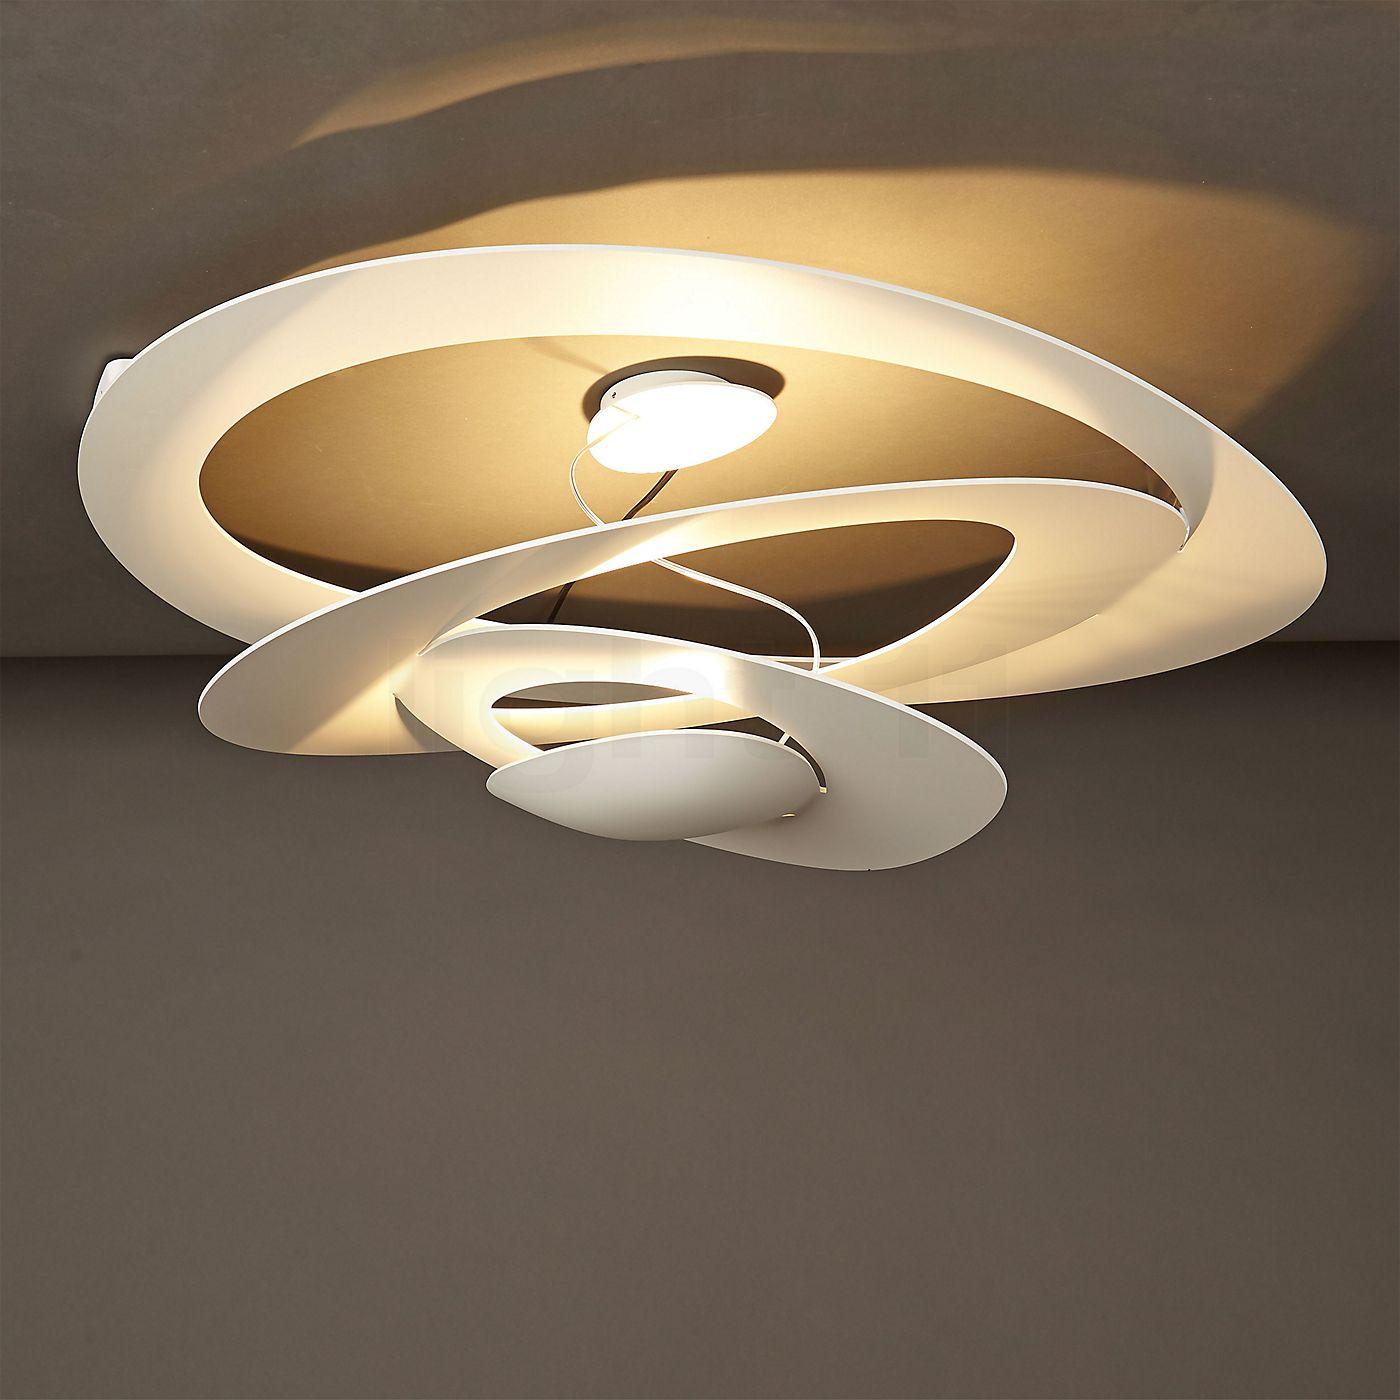 artemide pirce soffitto led lampen pinterest. Black Bedroom Furniture Sets. Home Design Ideas